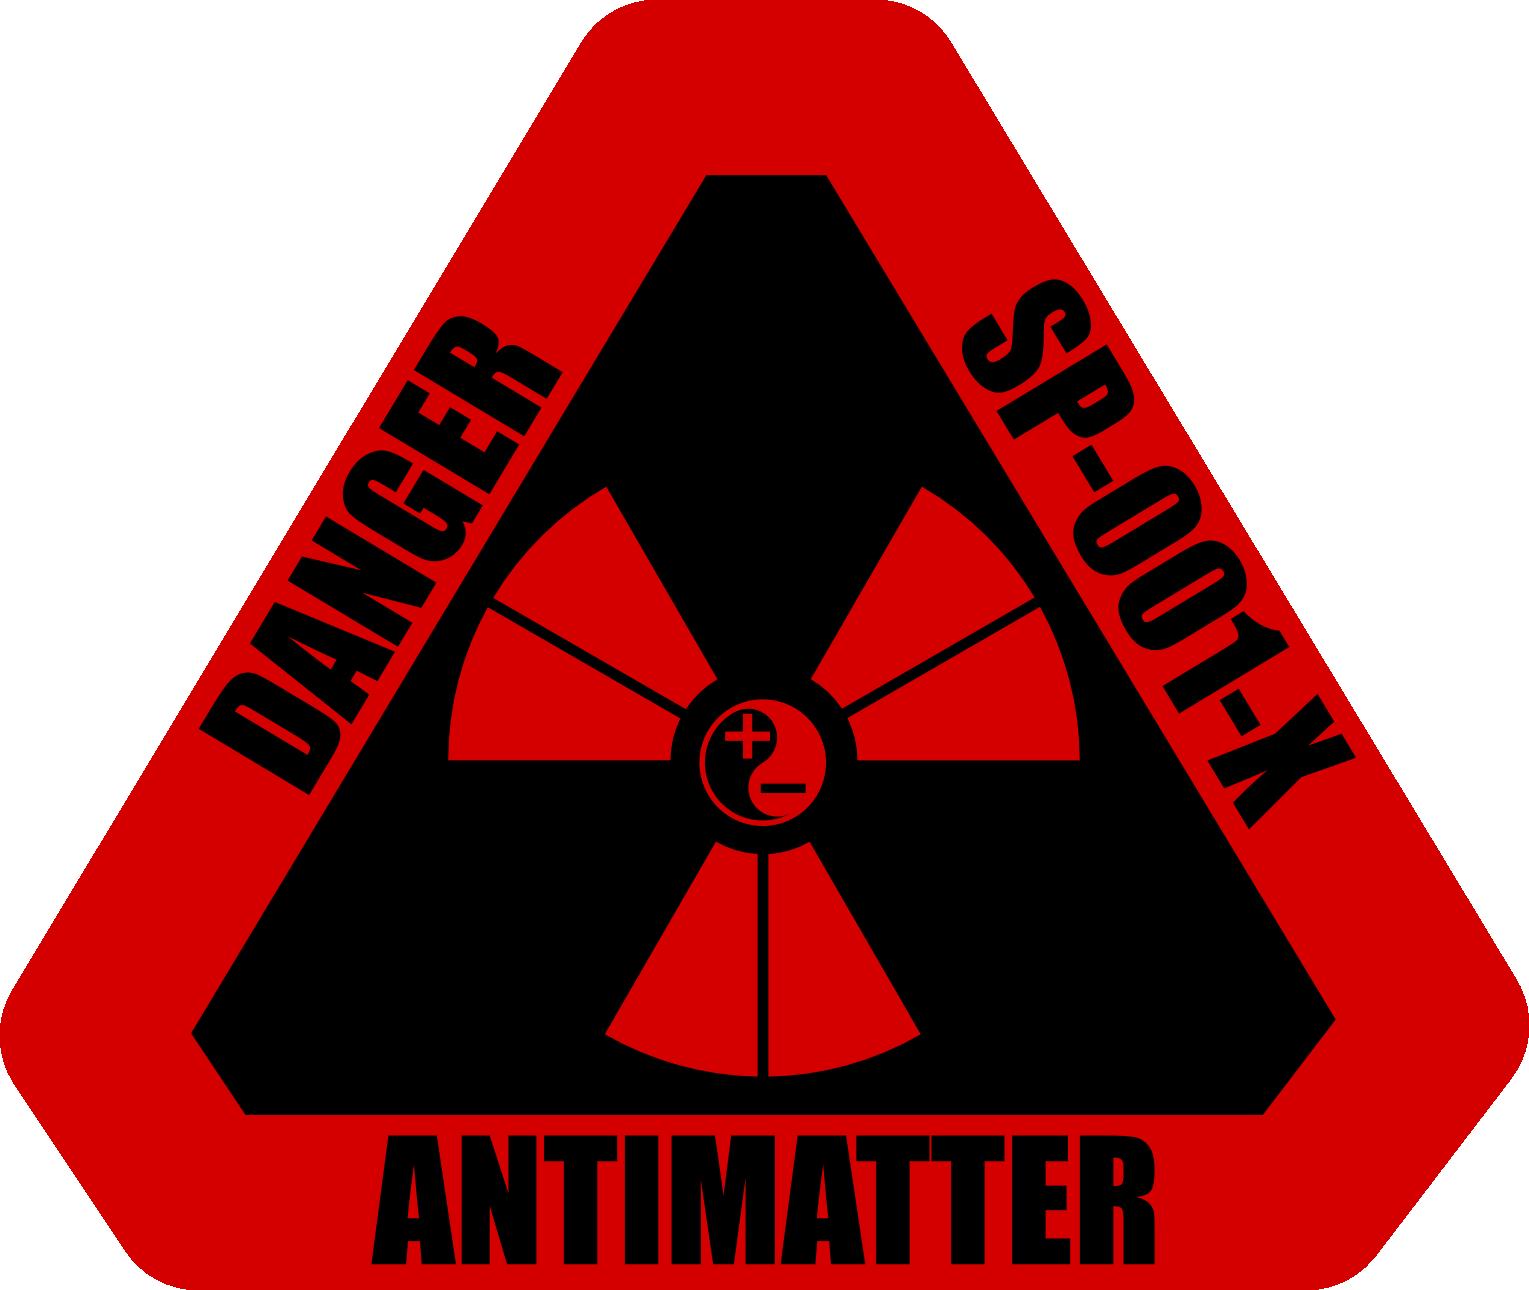 Antimatter Warning Label